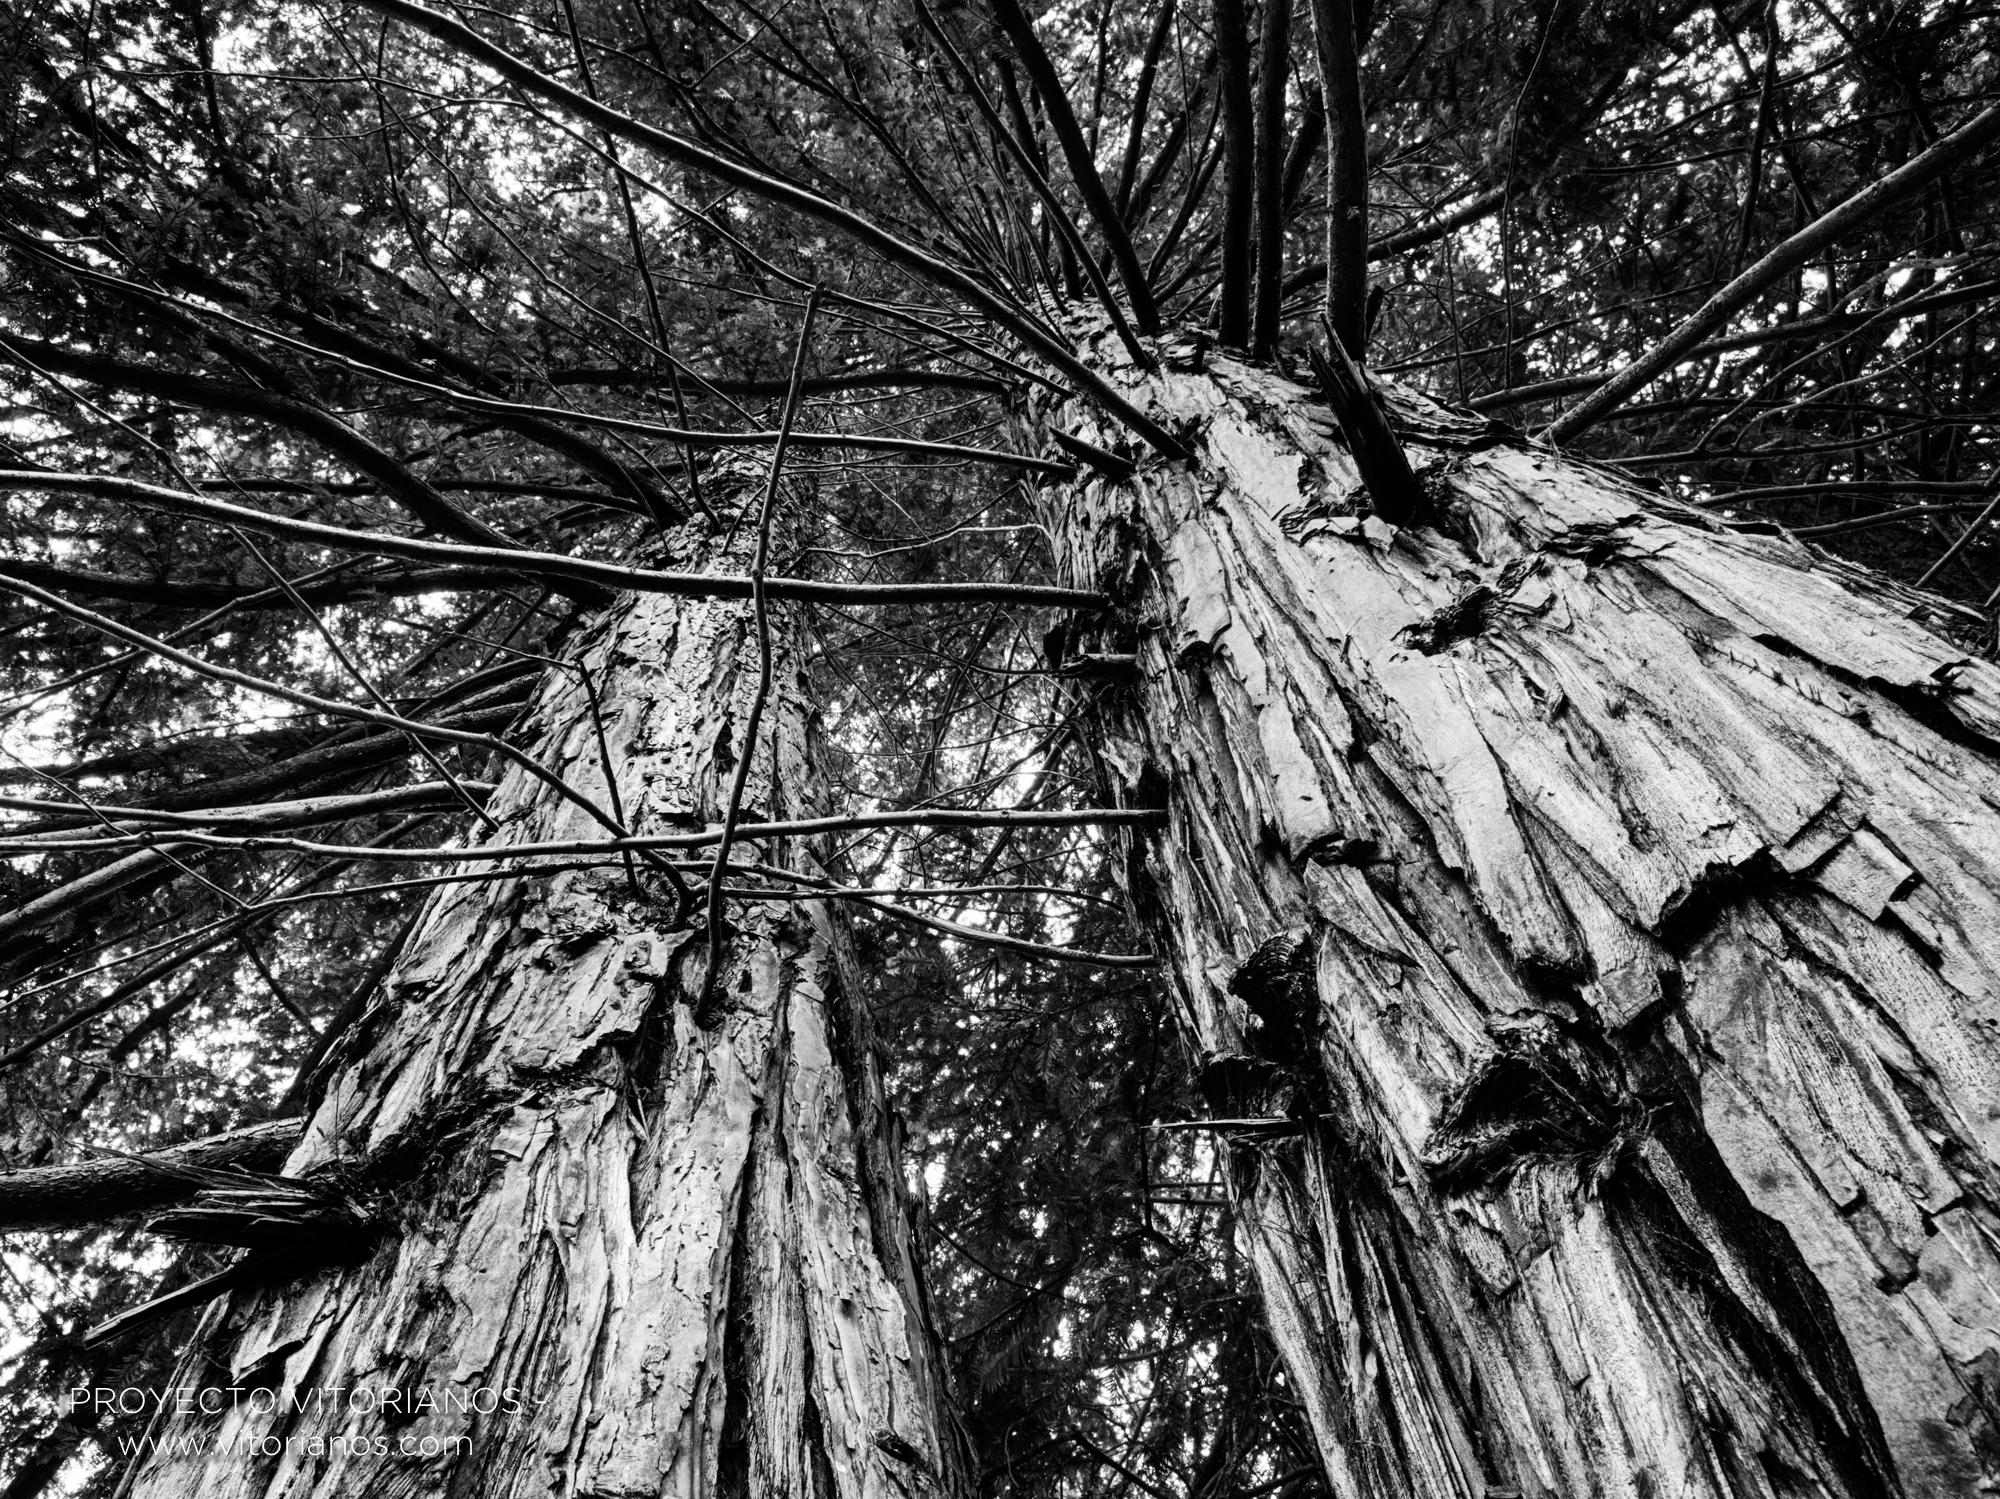 Árboles en el parque de Arriaga - Foto: Juanan Pérez de Cárcamo